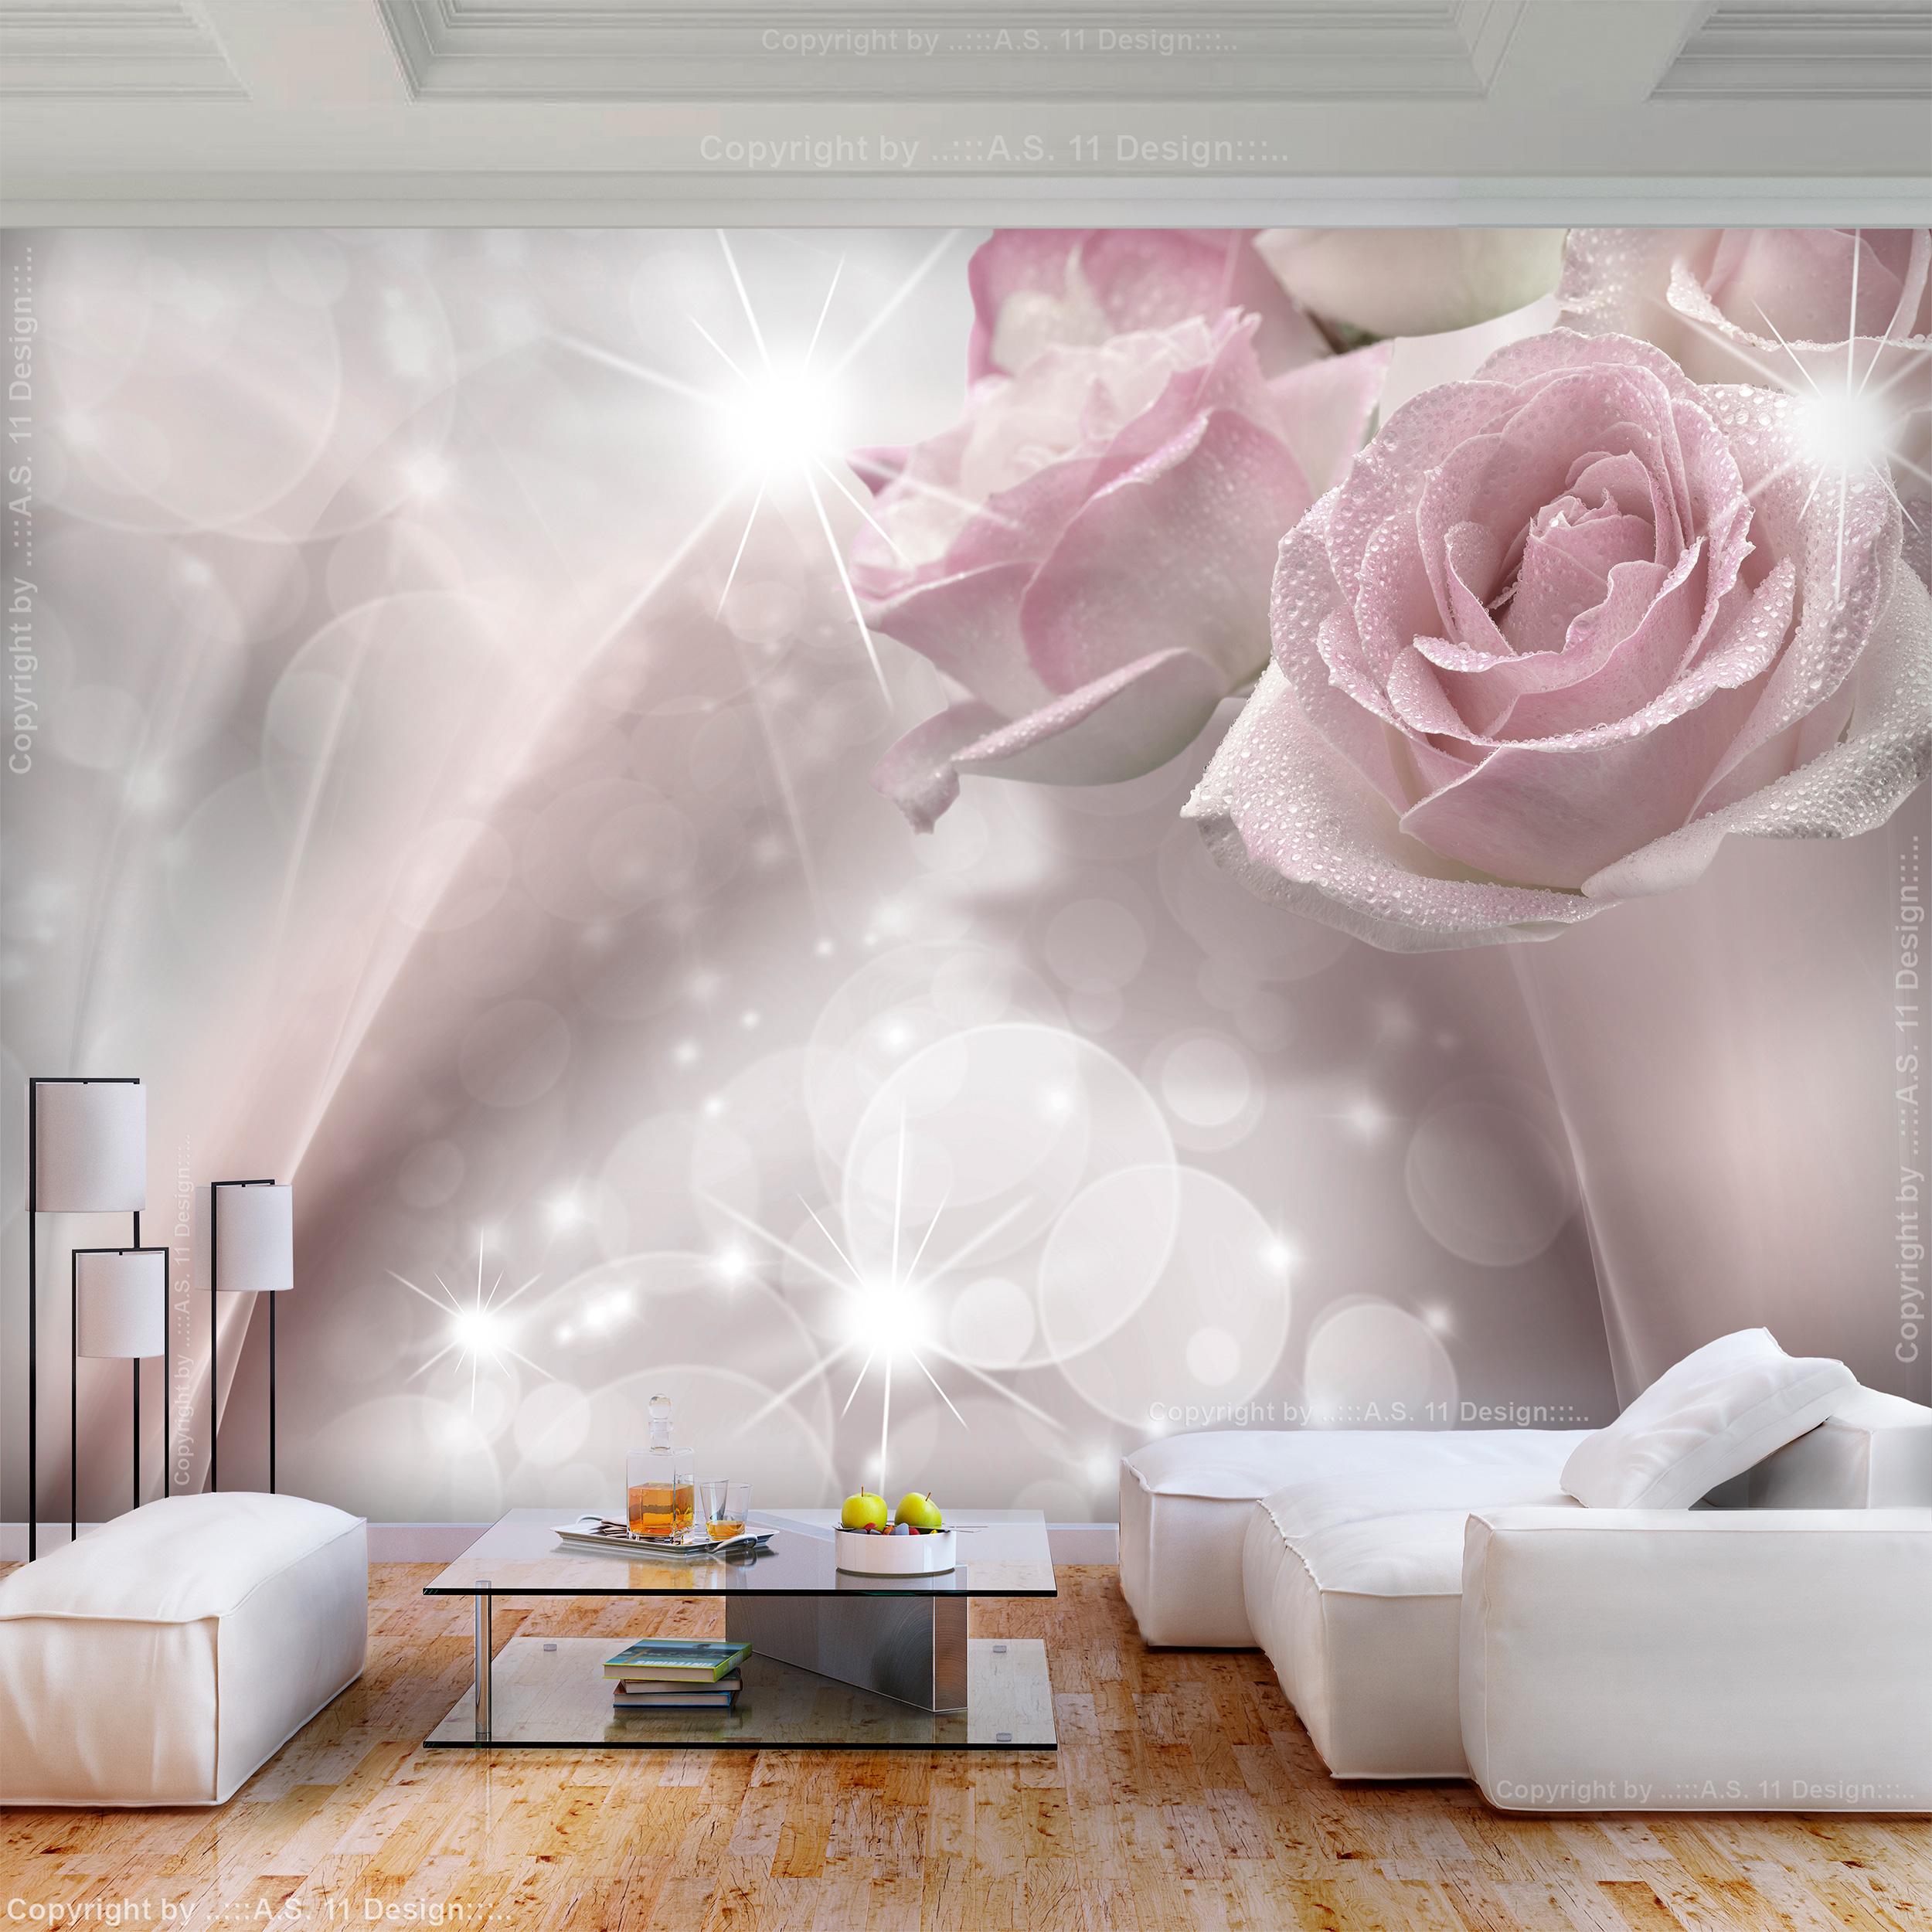 VLIES FOTOTAPETE Blumen Abstrakt modern Lilien TAPETE WANDBILDER